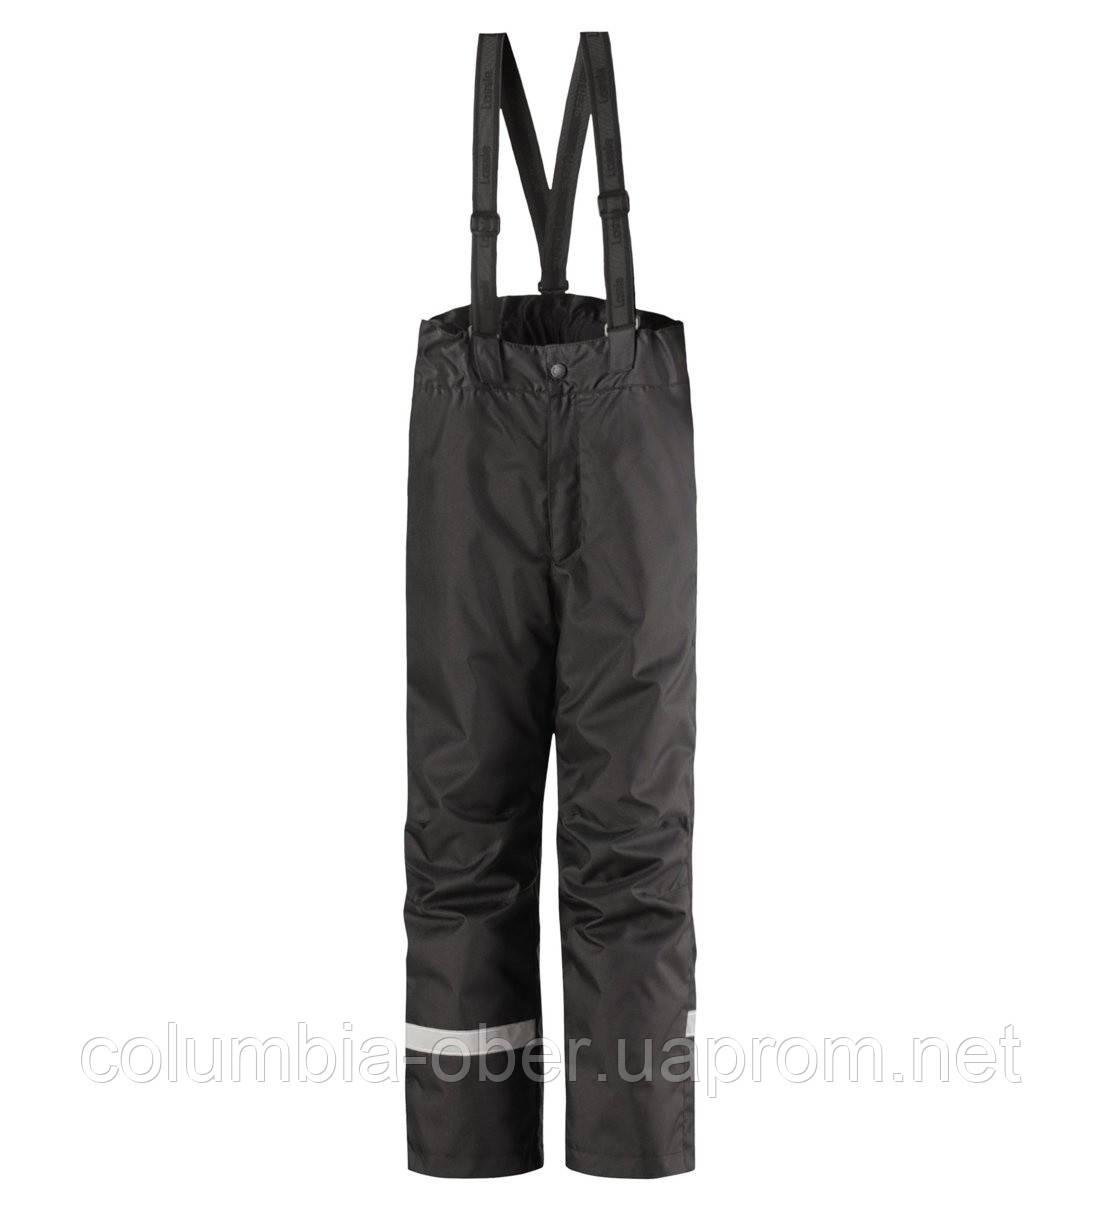 Зимние штаны на подтяжках для мальчиков Lassie by Reima Taila 722733.9-9990. Размеры 92 - 140.